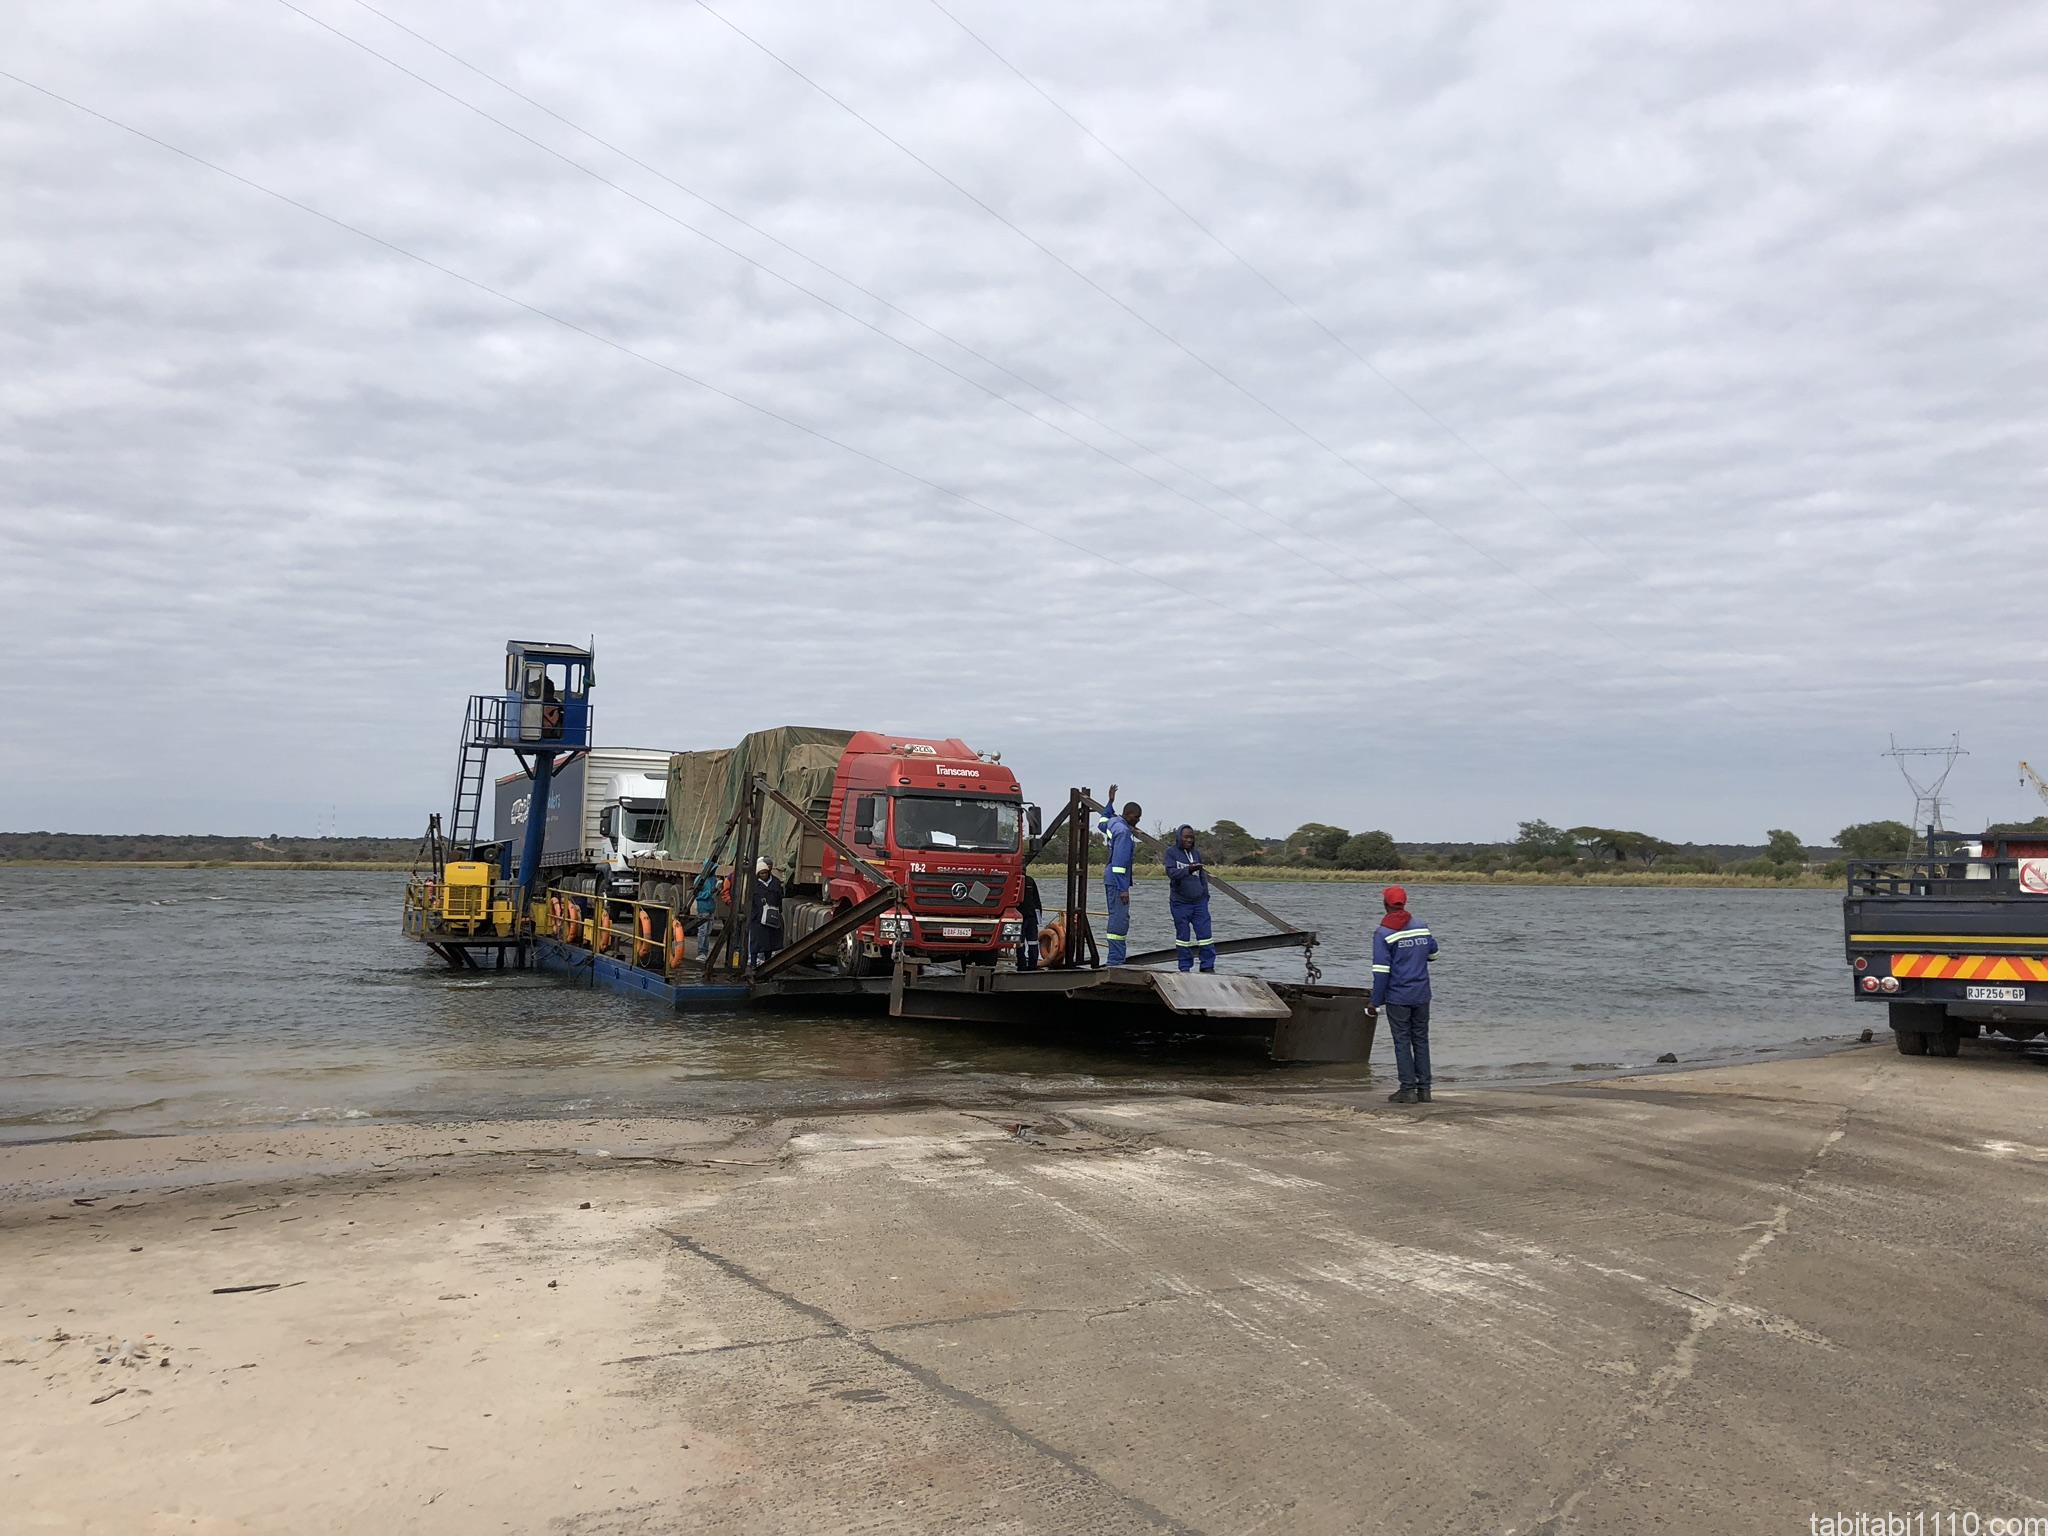 ザンビアとボツワナの国境を渡る船